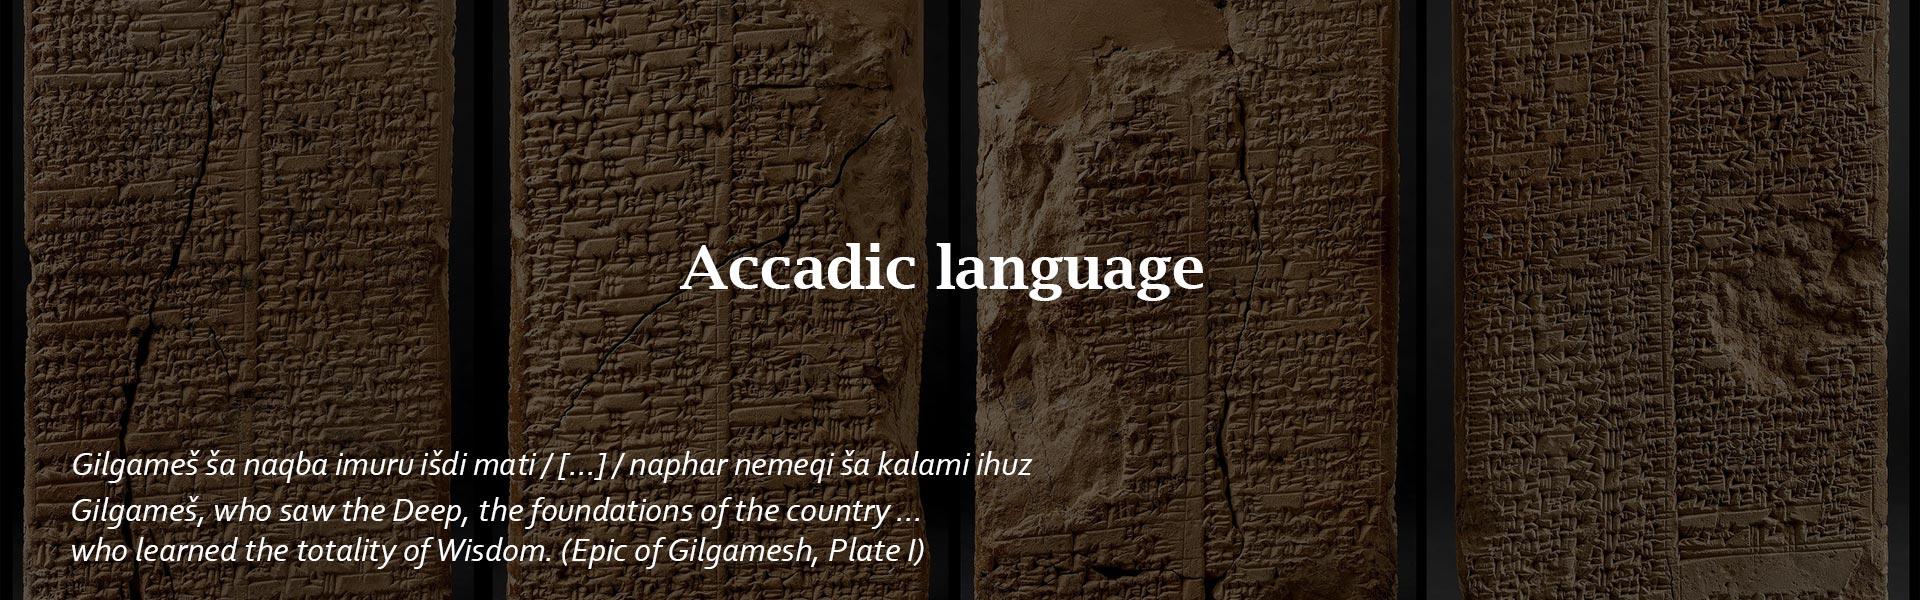 Accadic-language-Alif pisa